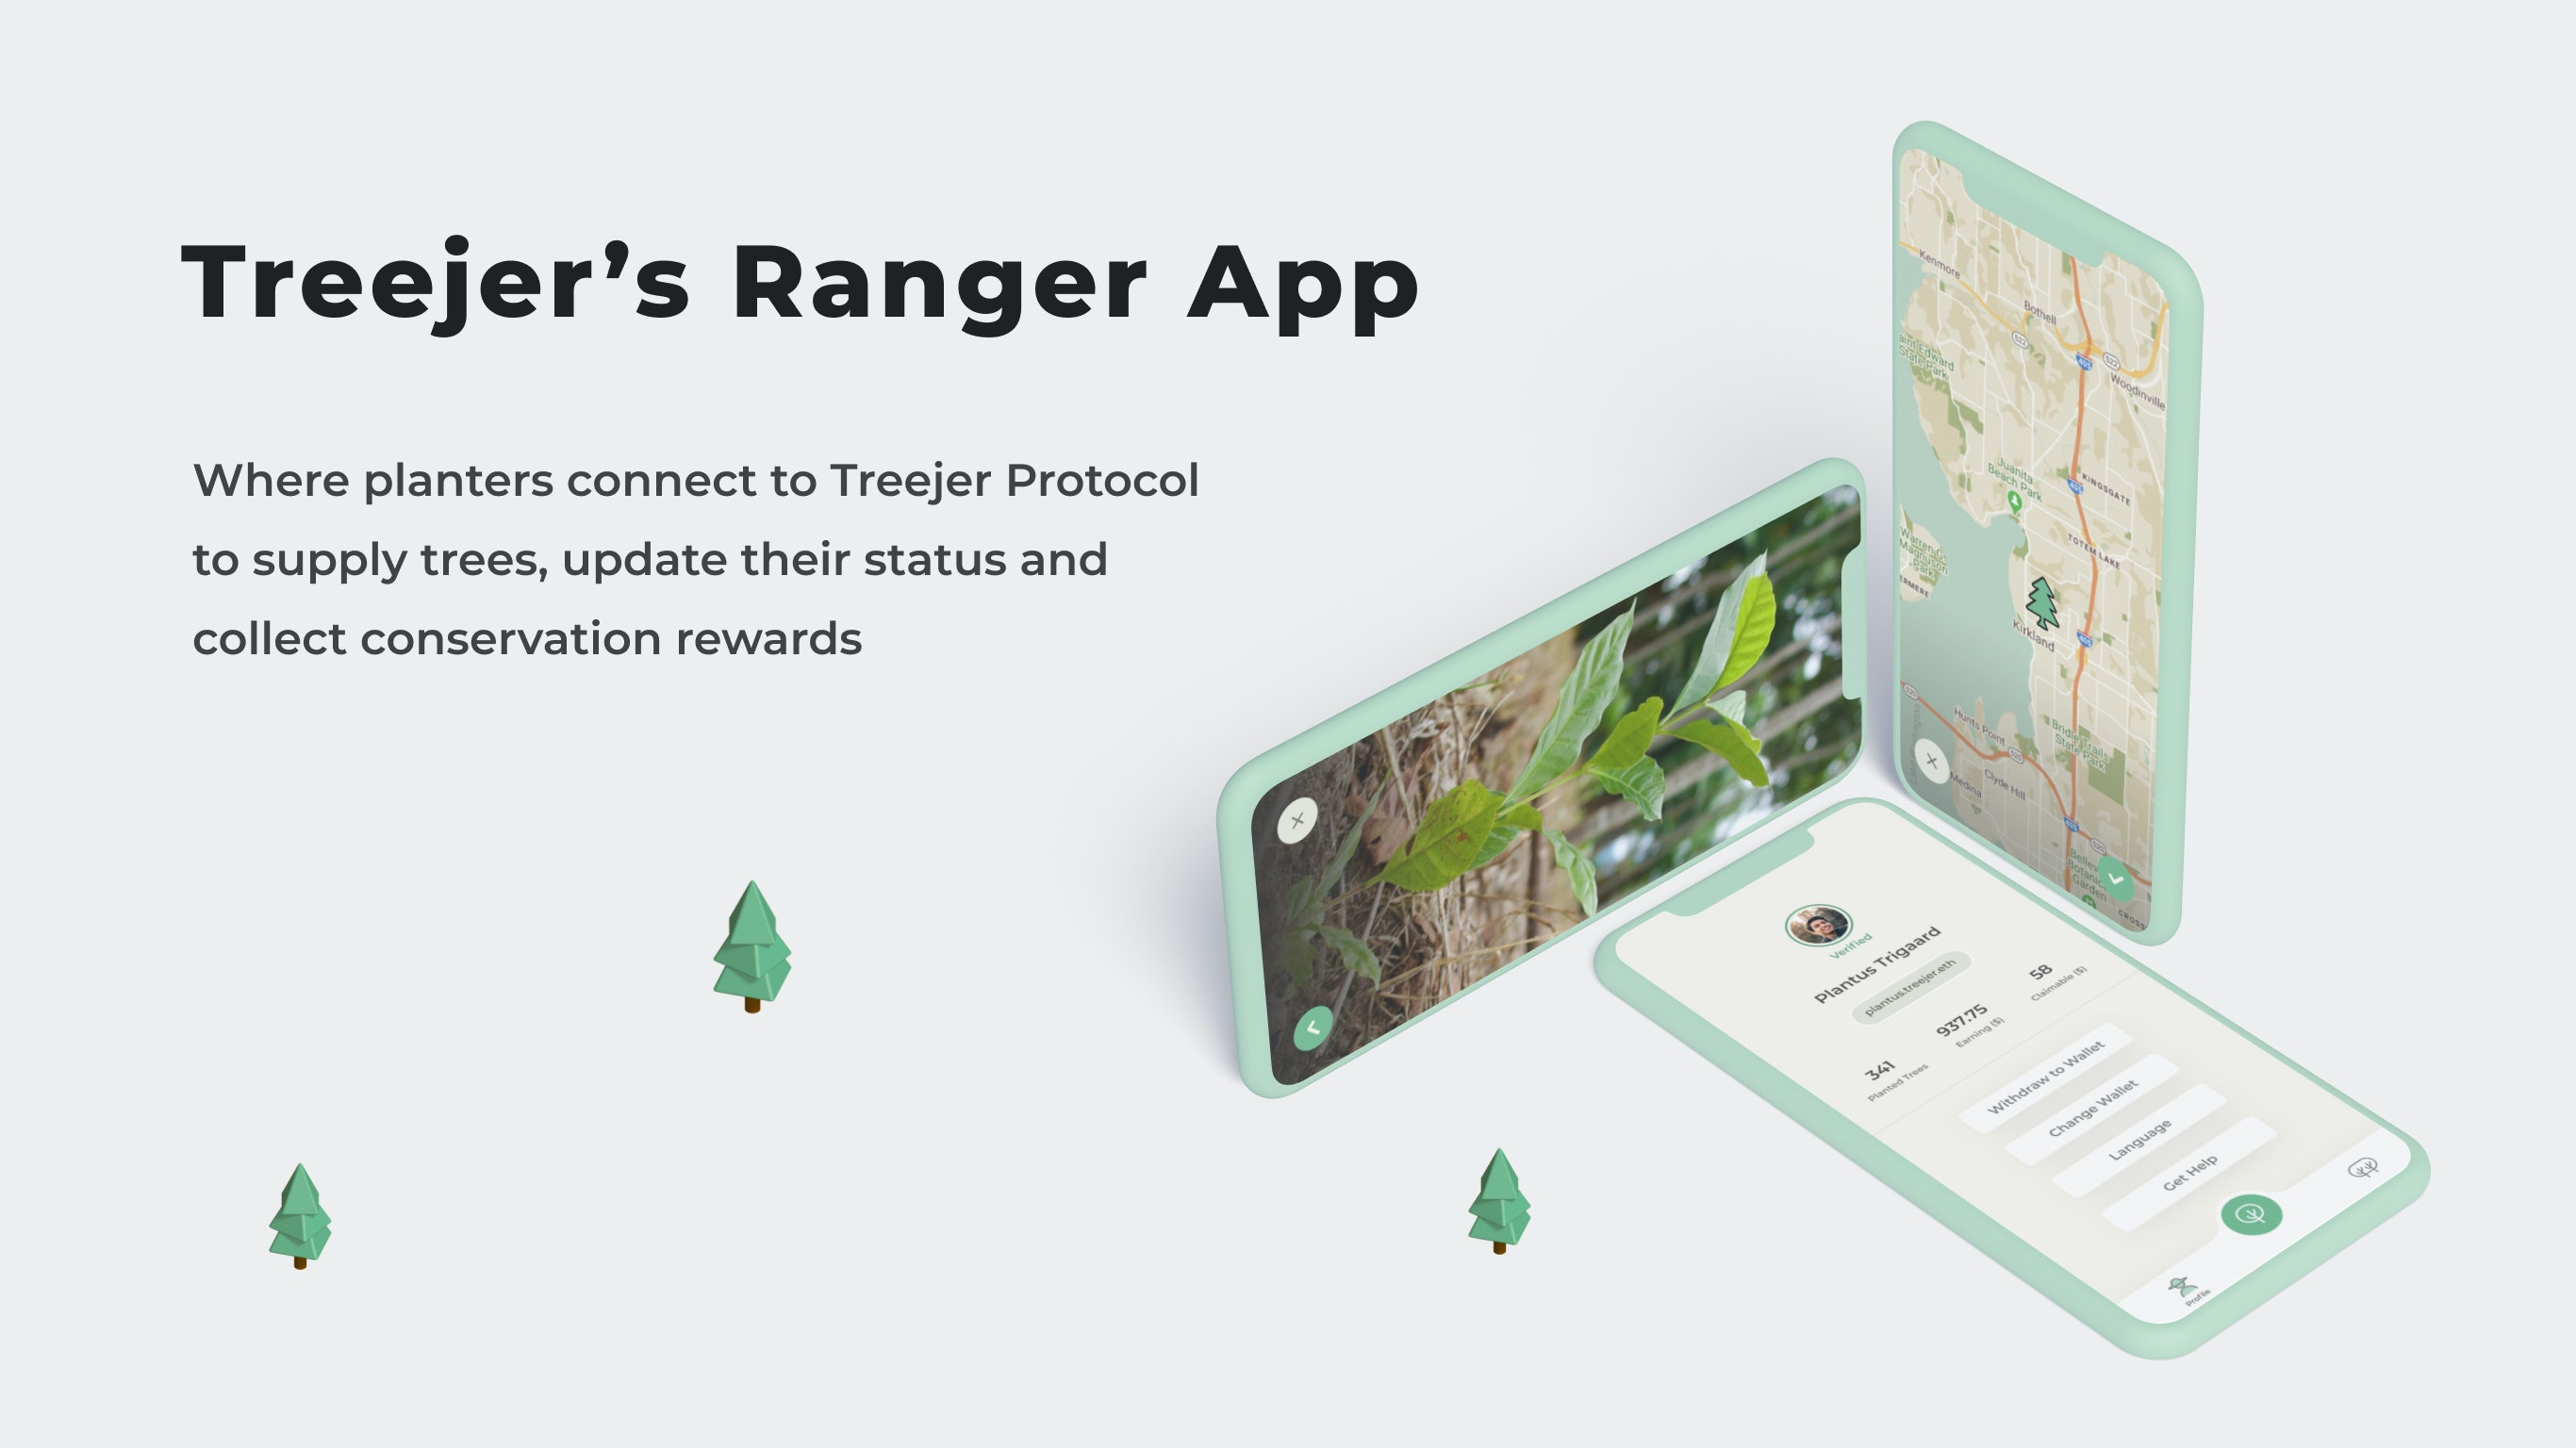 Treejer's Ranger App